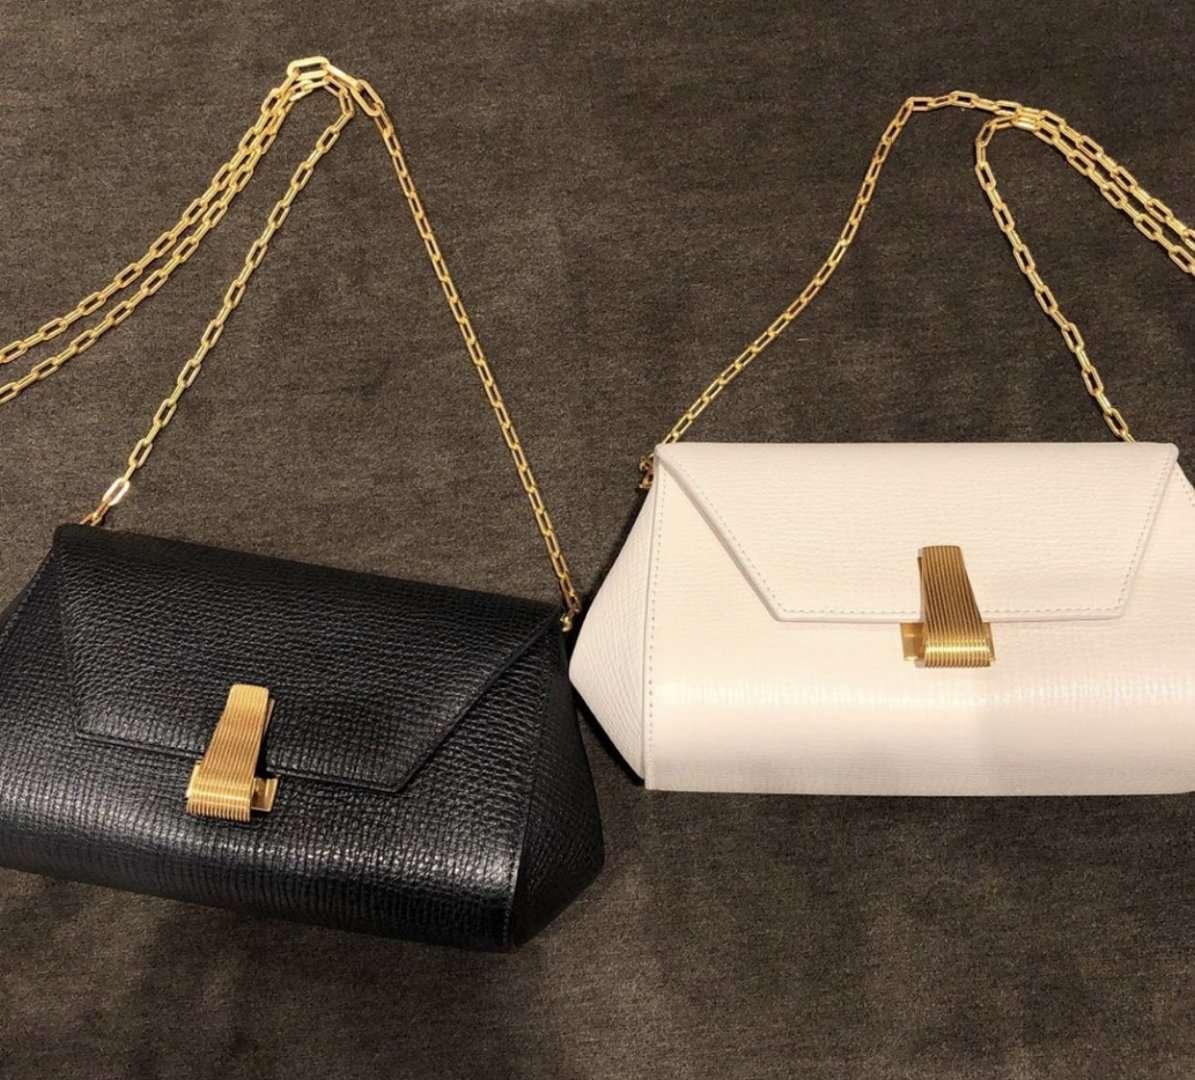 BV Angle bag 新款mini Bottega Venetaangle bag系列(图4)